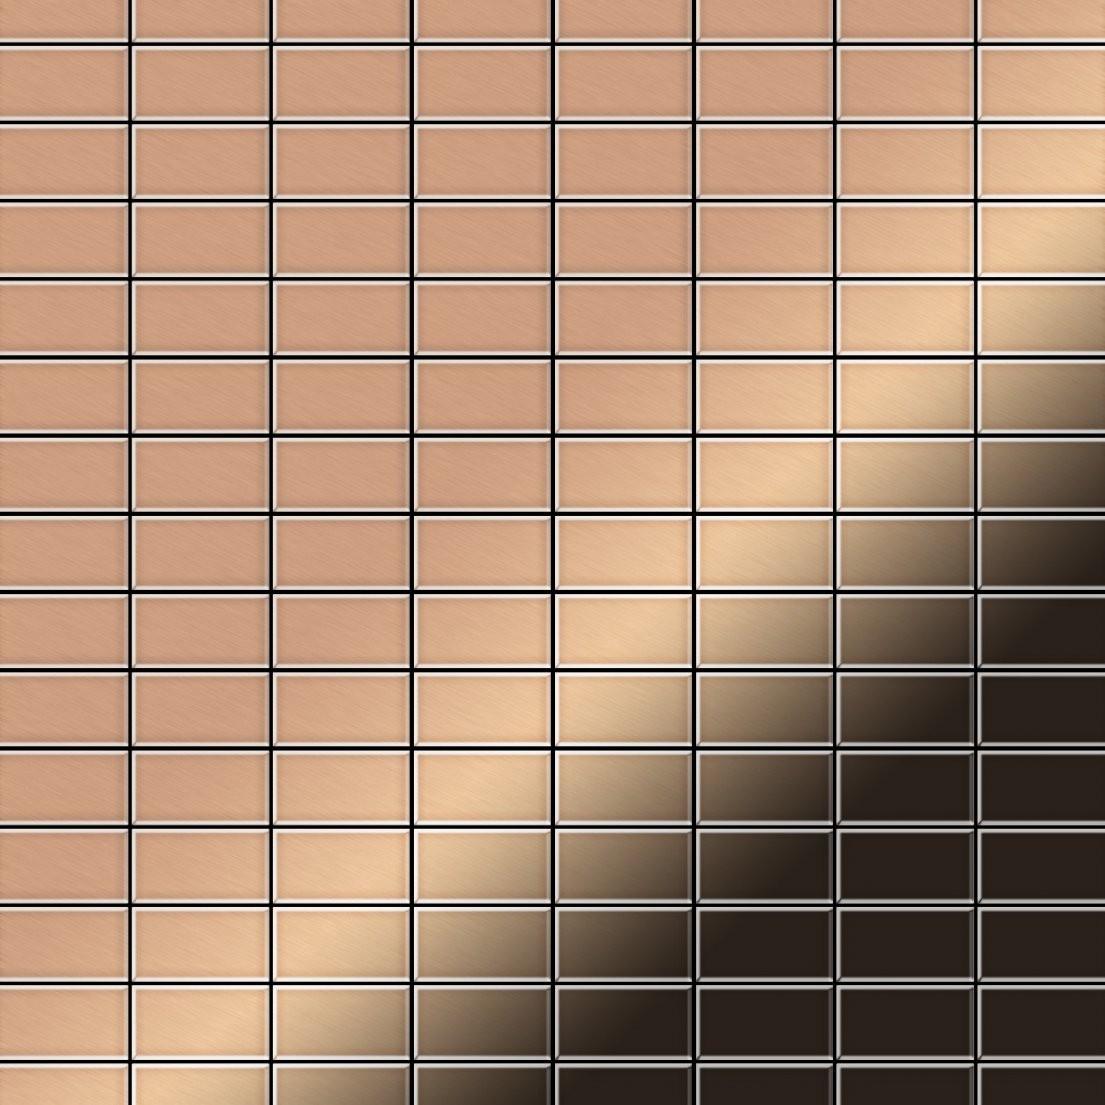 Mosaik Fliese Massiv Metall Kupfer Gewalzt In Kupfer 16Mm Stark von Mosaik Fliesen Außenbereich Bild